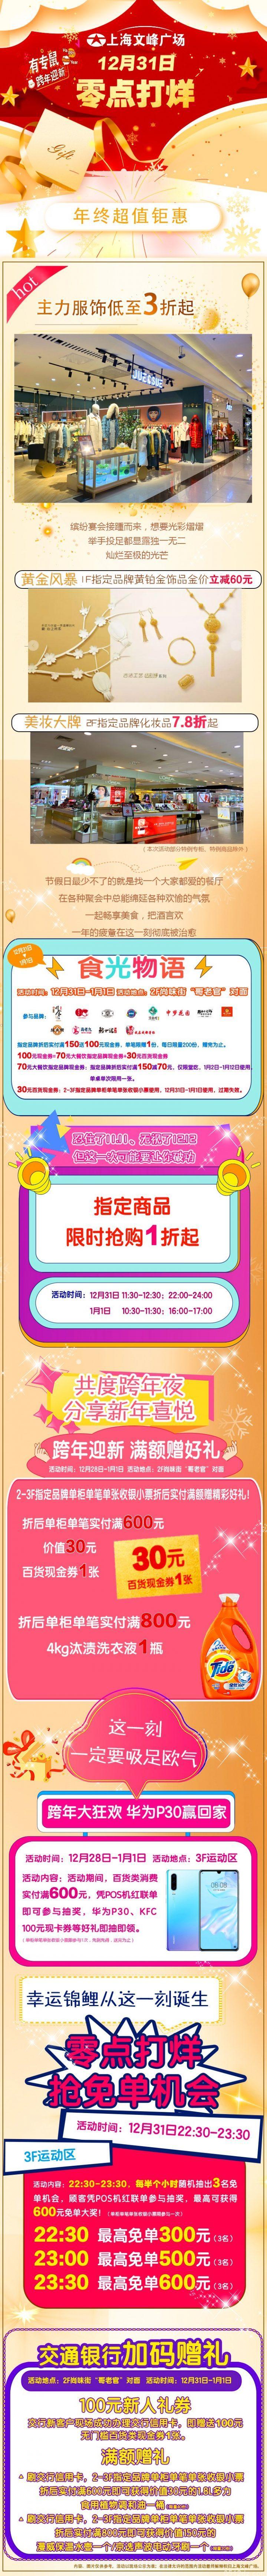 上海文峰广场2020元旦跨年打折活动